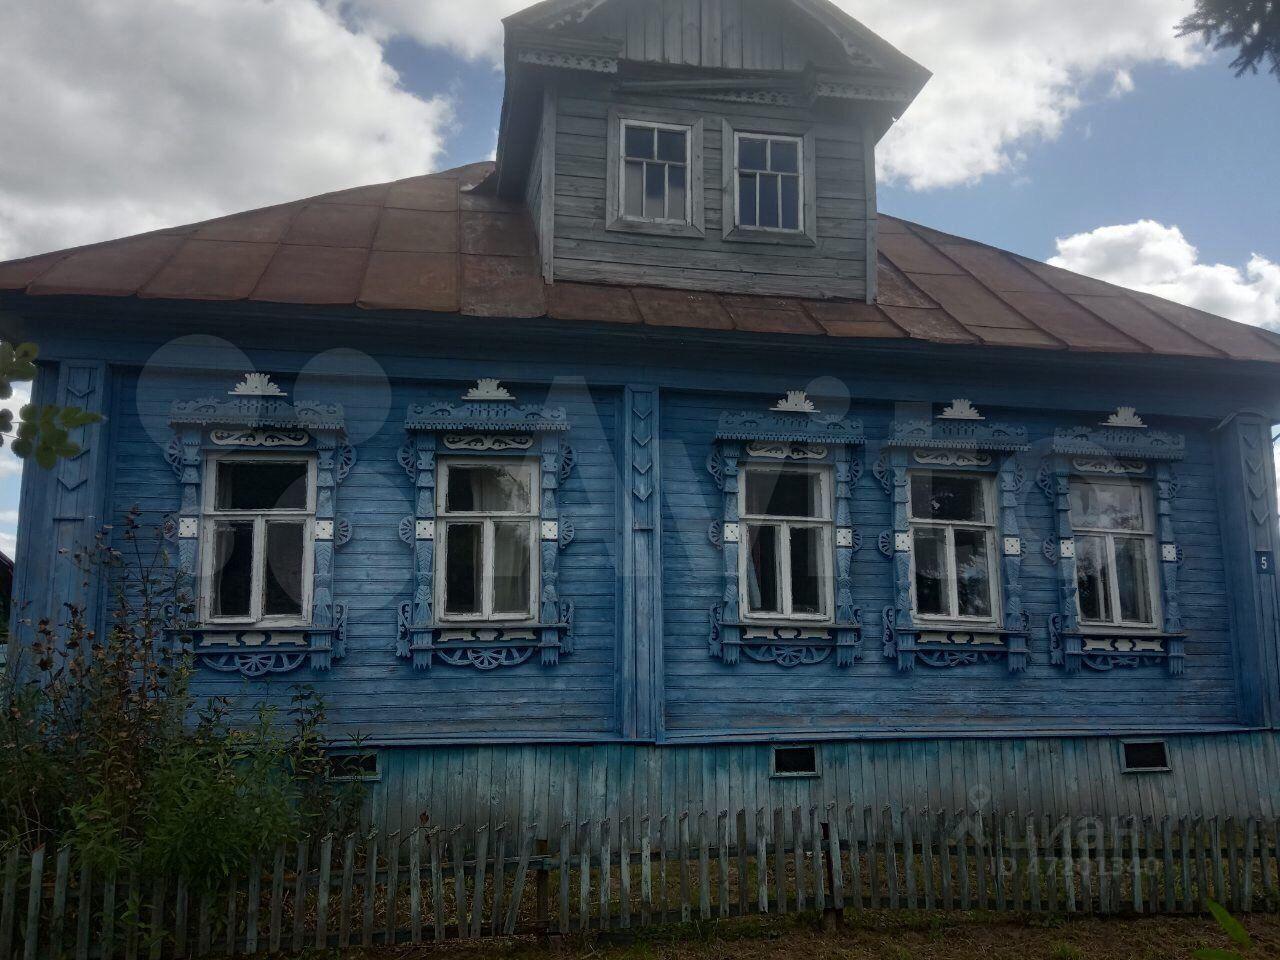 Продажа дома 71м² Нижегородская область, Бор городской округ, Наумово деревня - база ЦИАН, объявление 258428539